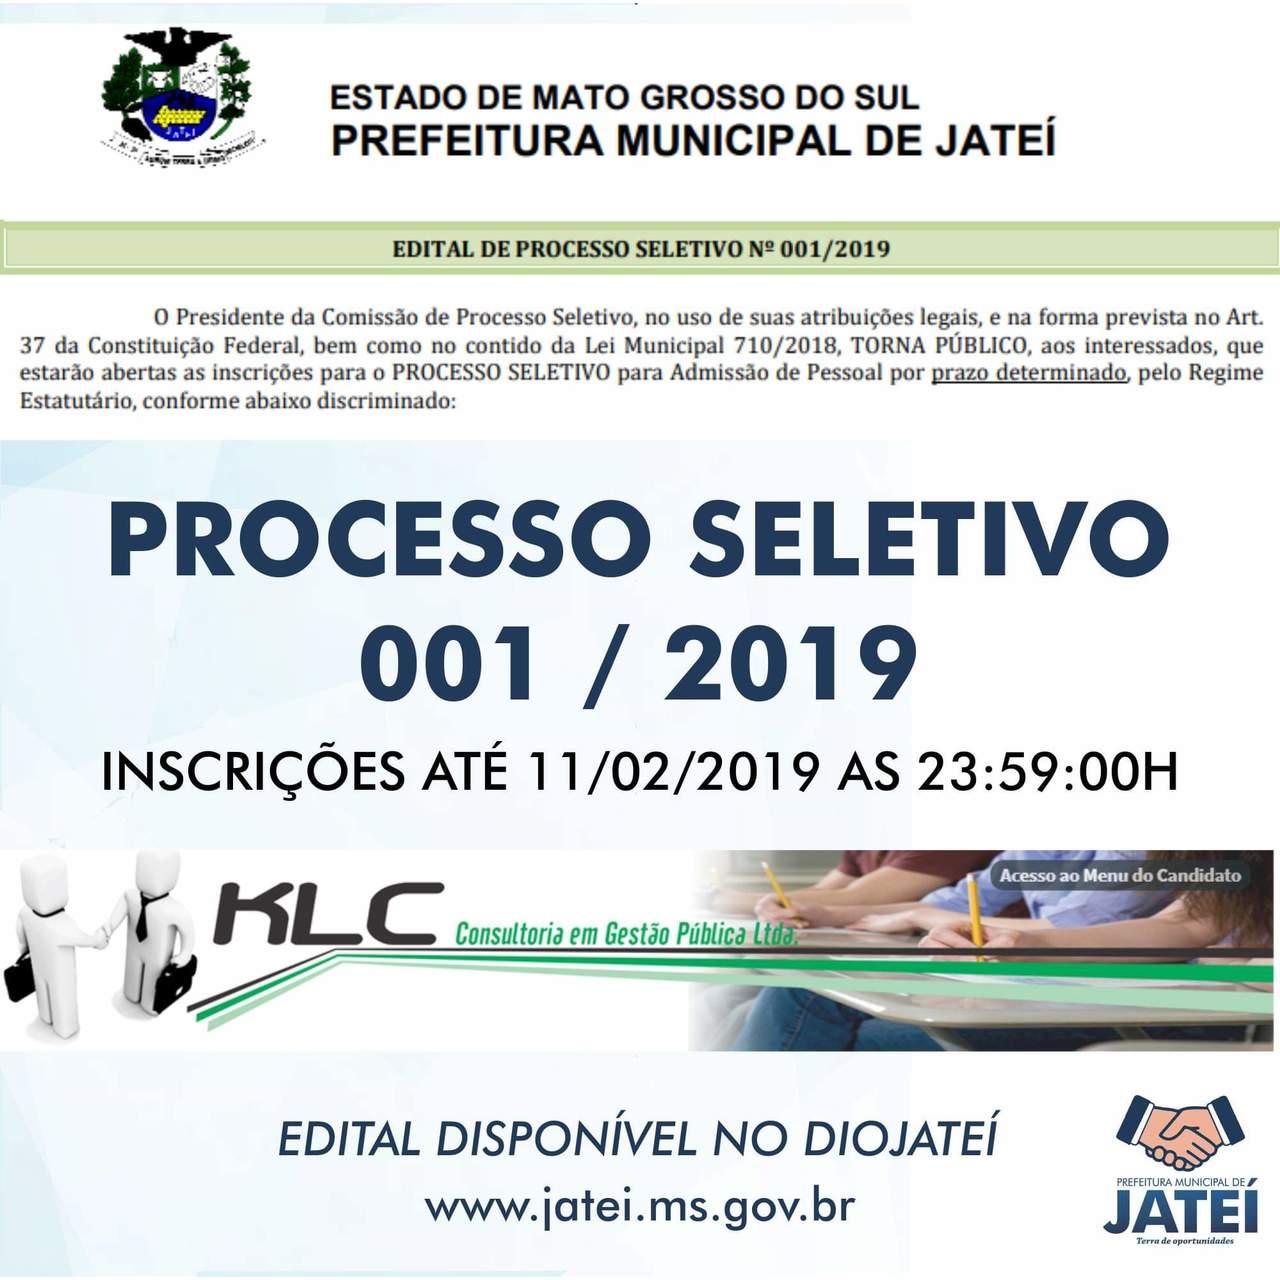 Titulos Lucas Moura: Prefeitura Abre Processo Seletivo Em JATEÍ